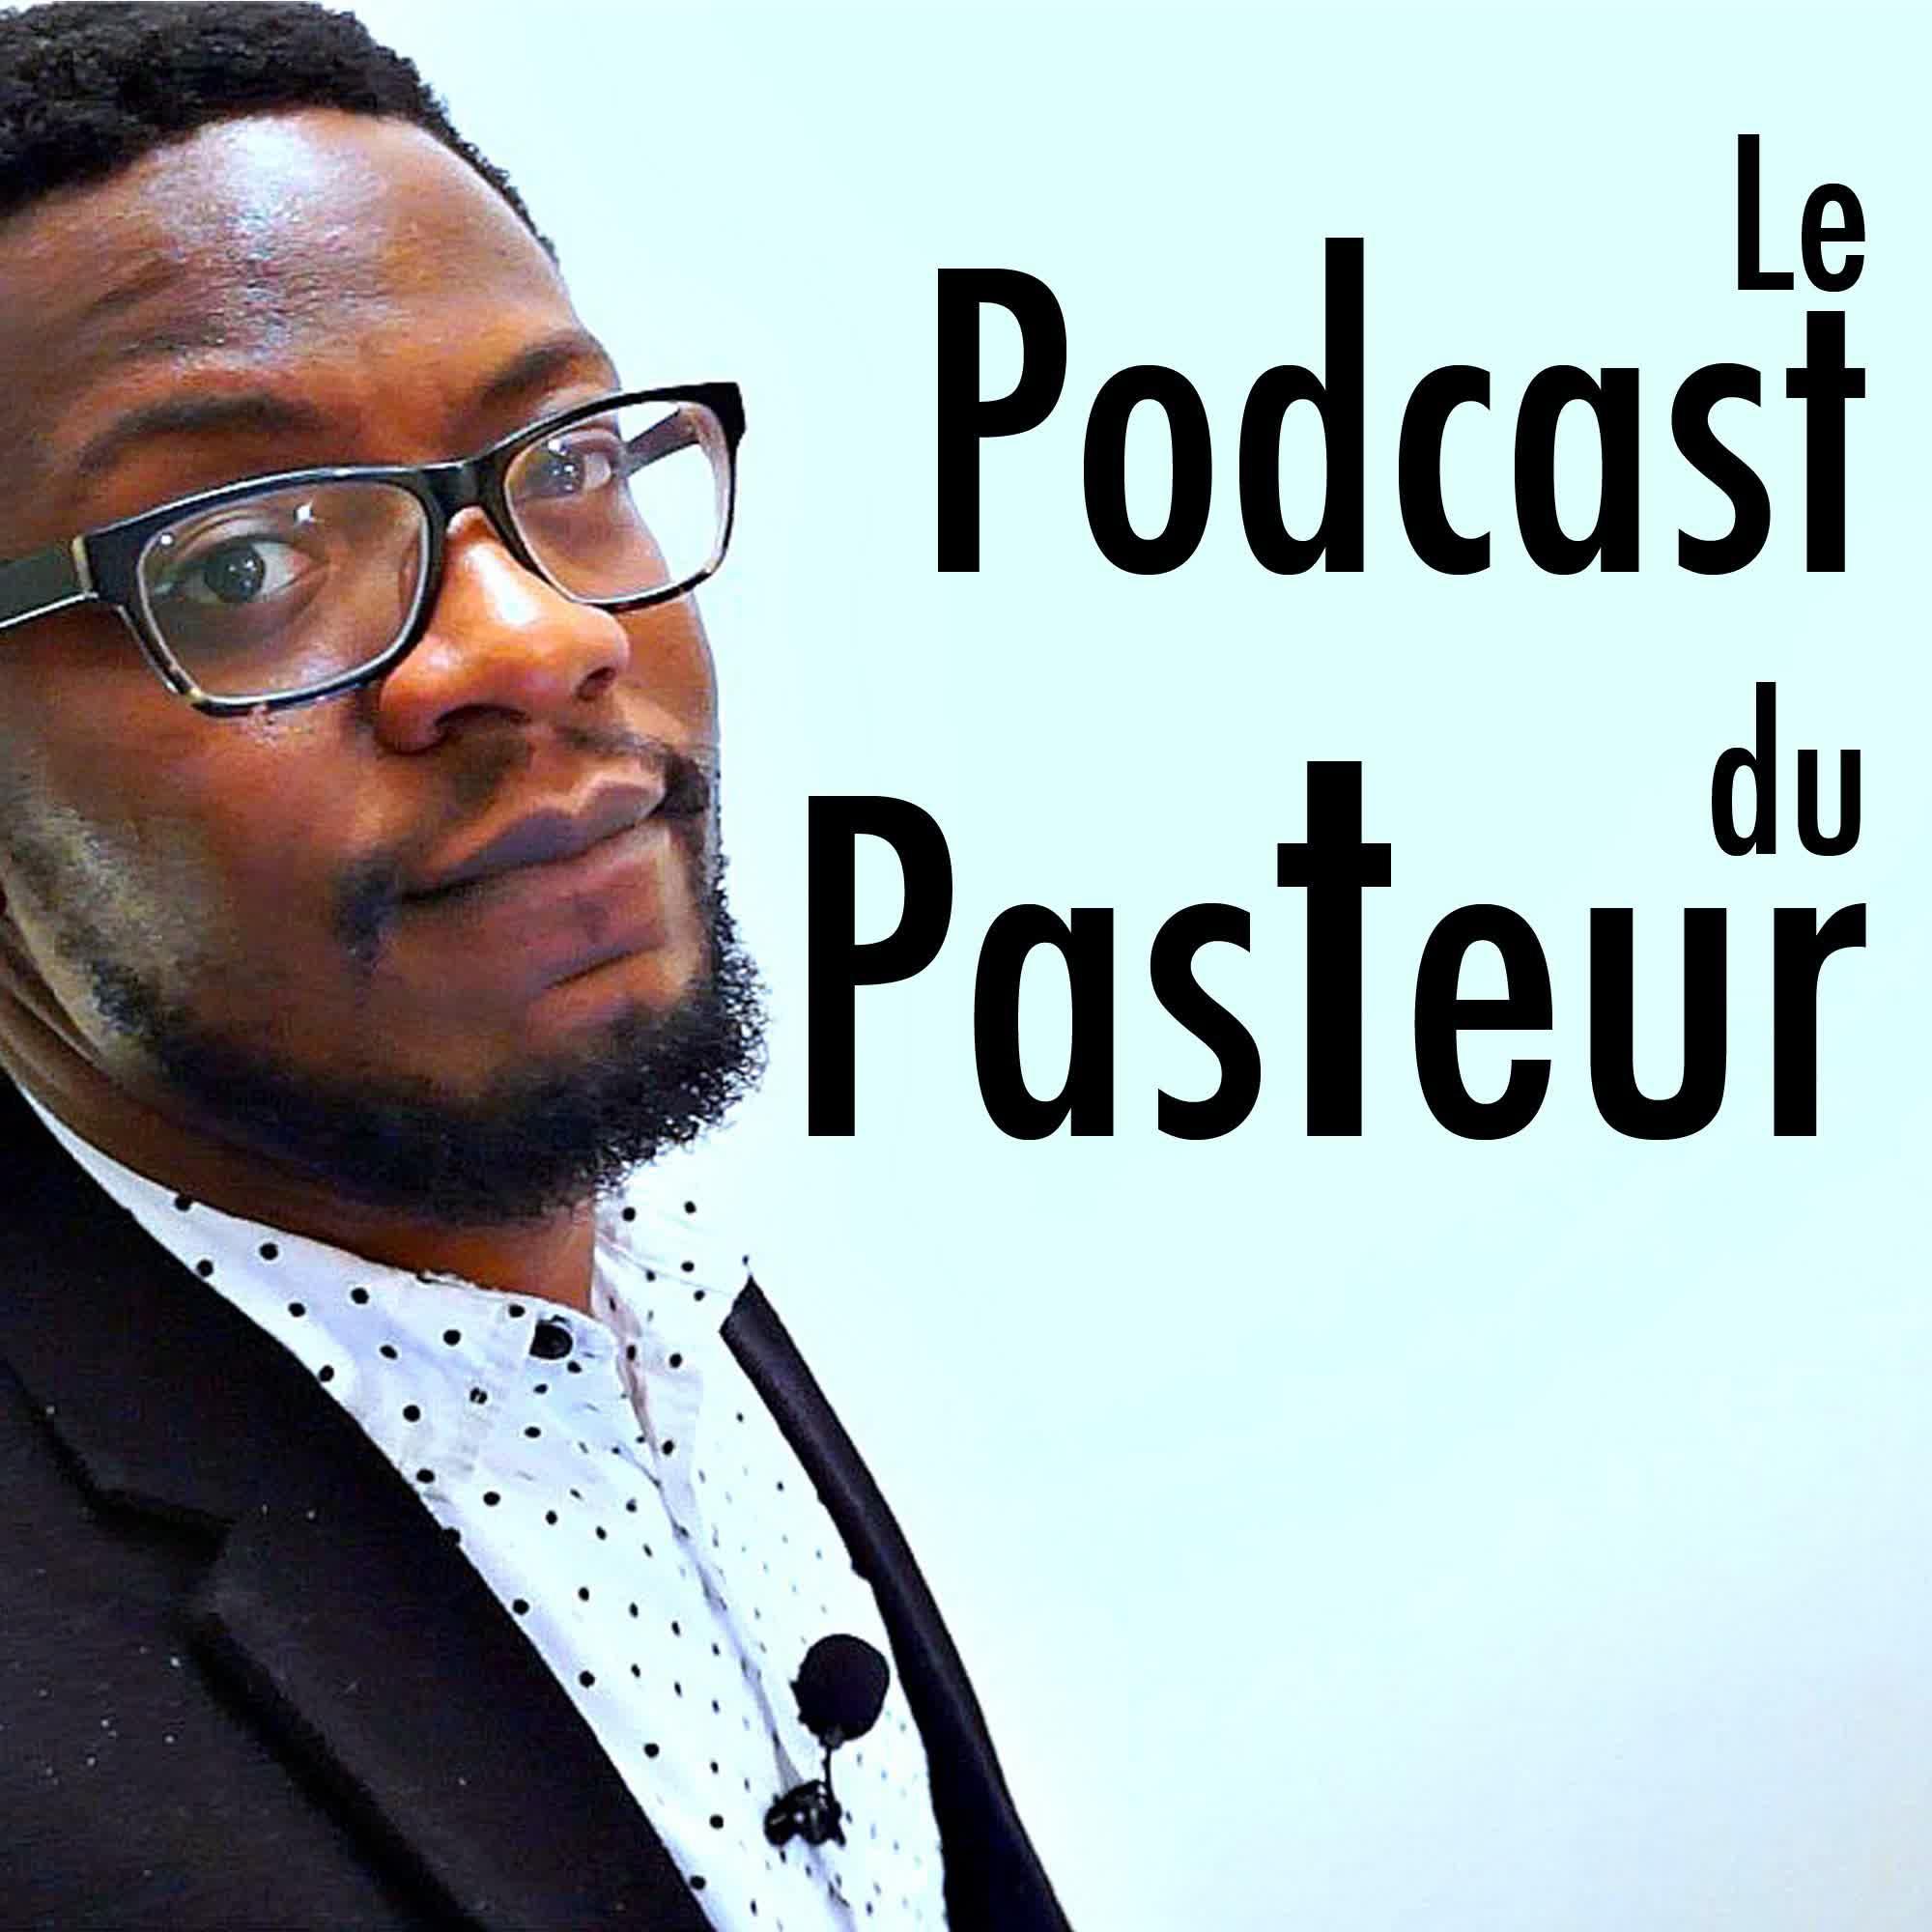 Le Podcast du Pasteur